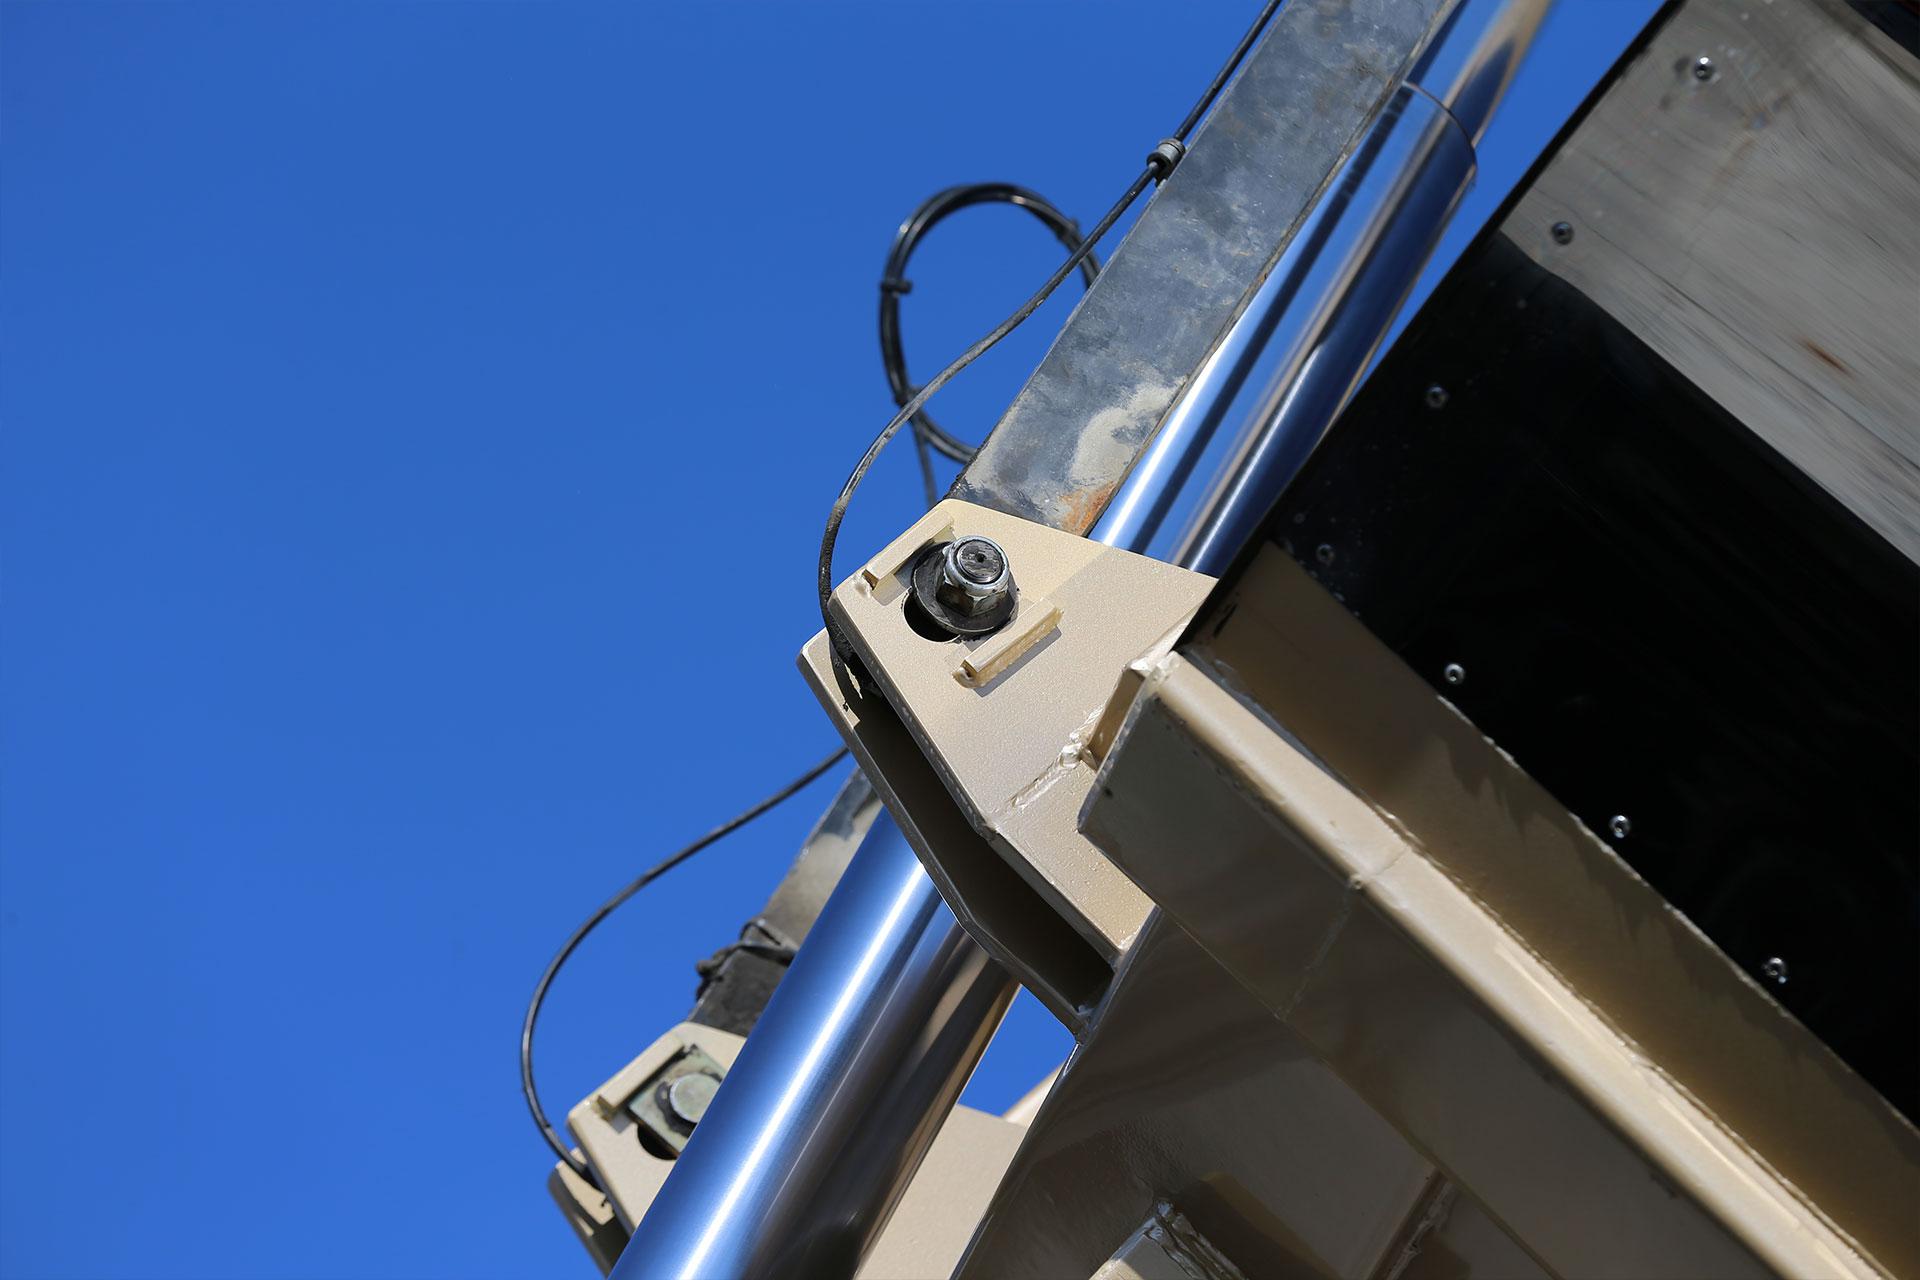 TELLESBØ TRANSPORT AS, fra Surna, hentet sin nye gull-speilblanke Asfaltbalje i Hardox 450 Stål